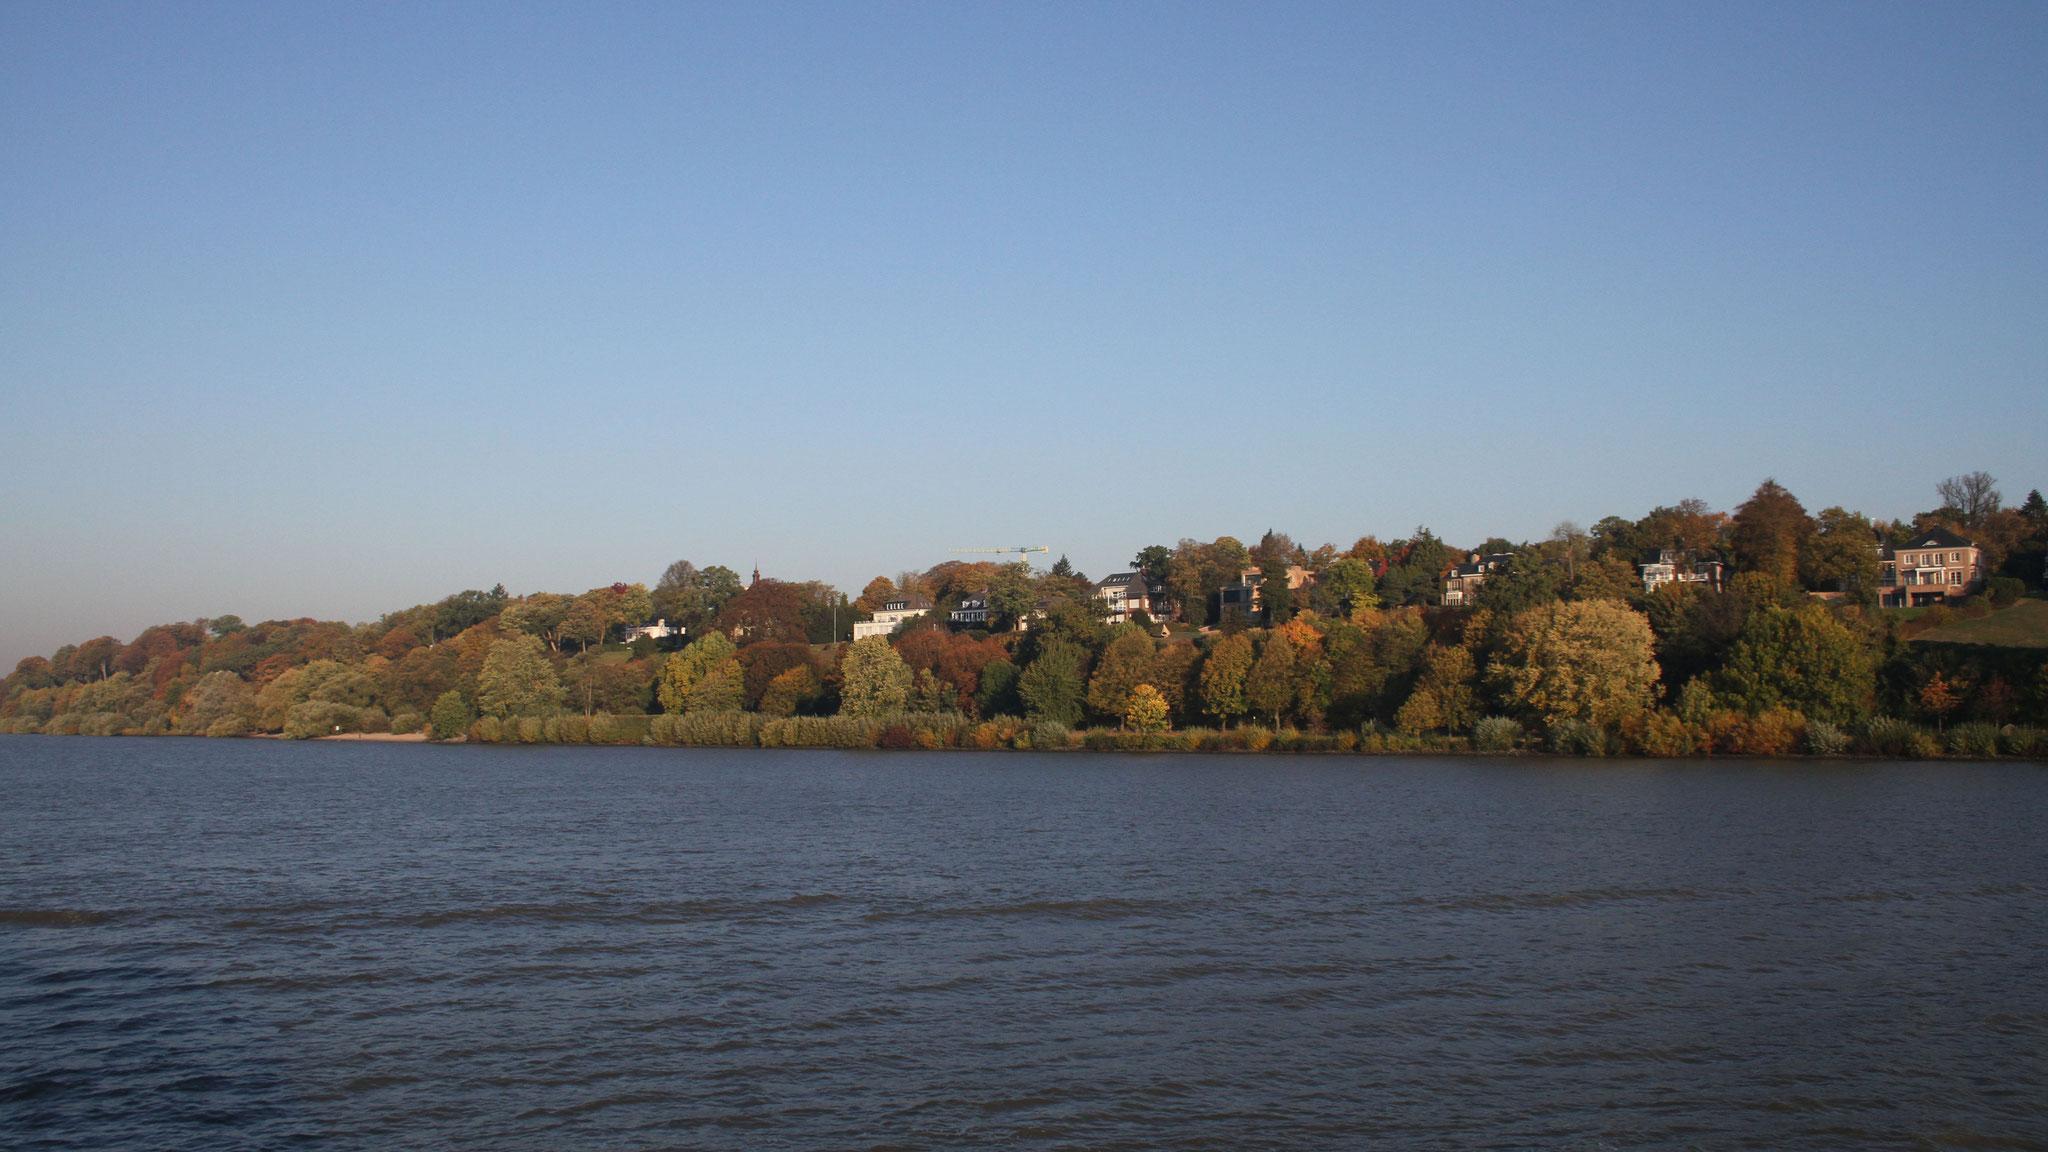 ... und schicken Wohnvierteln entlang der Elbe Richtung Cuxhaven